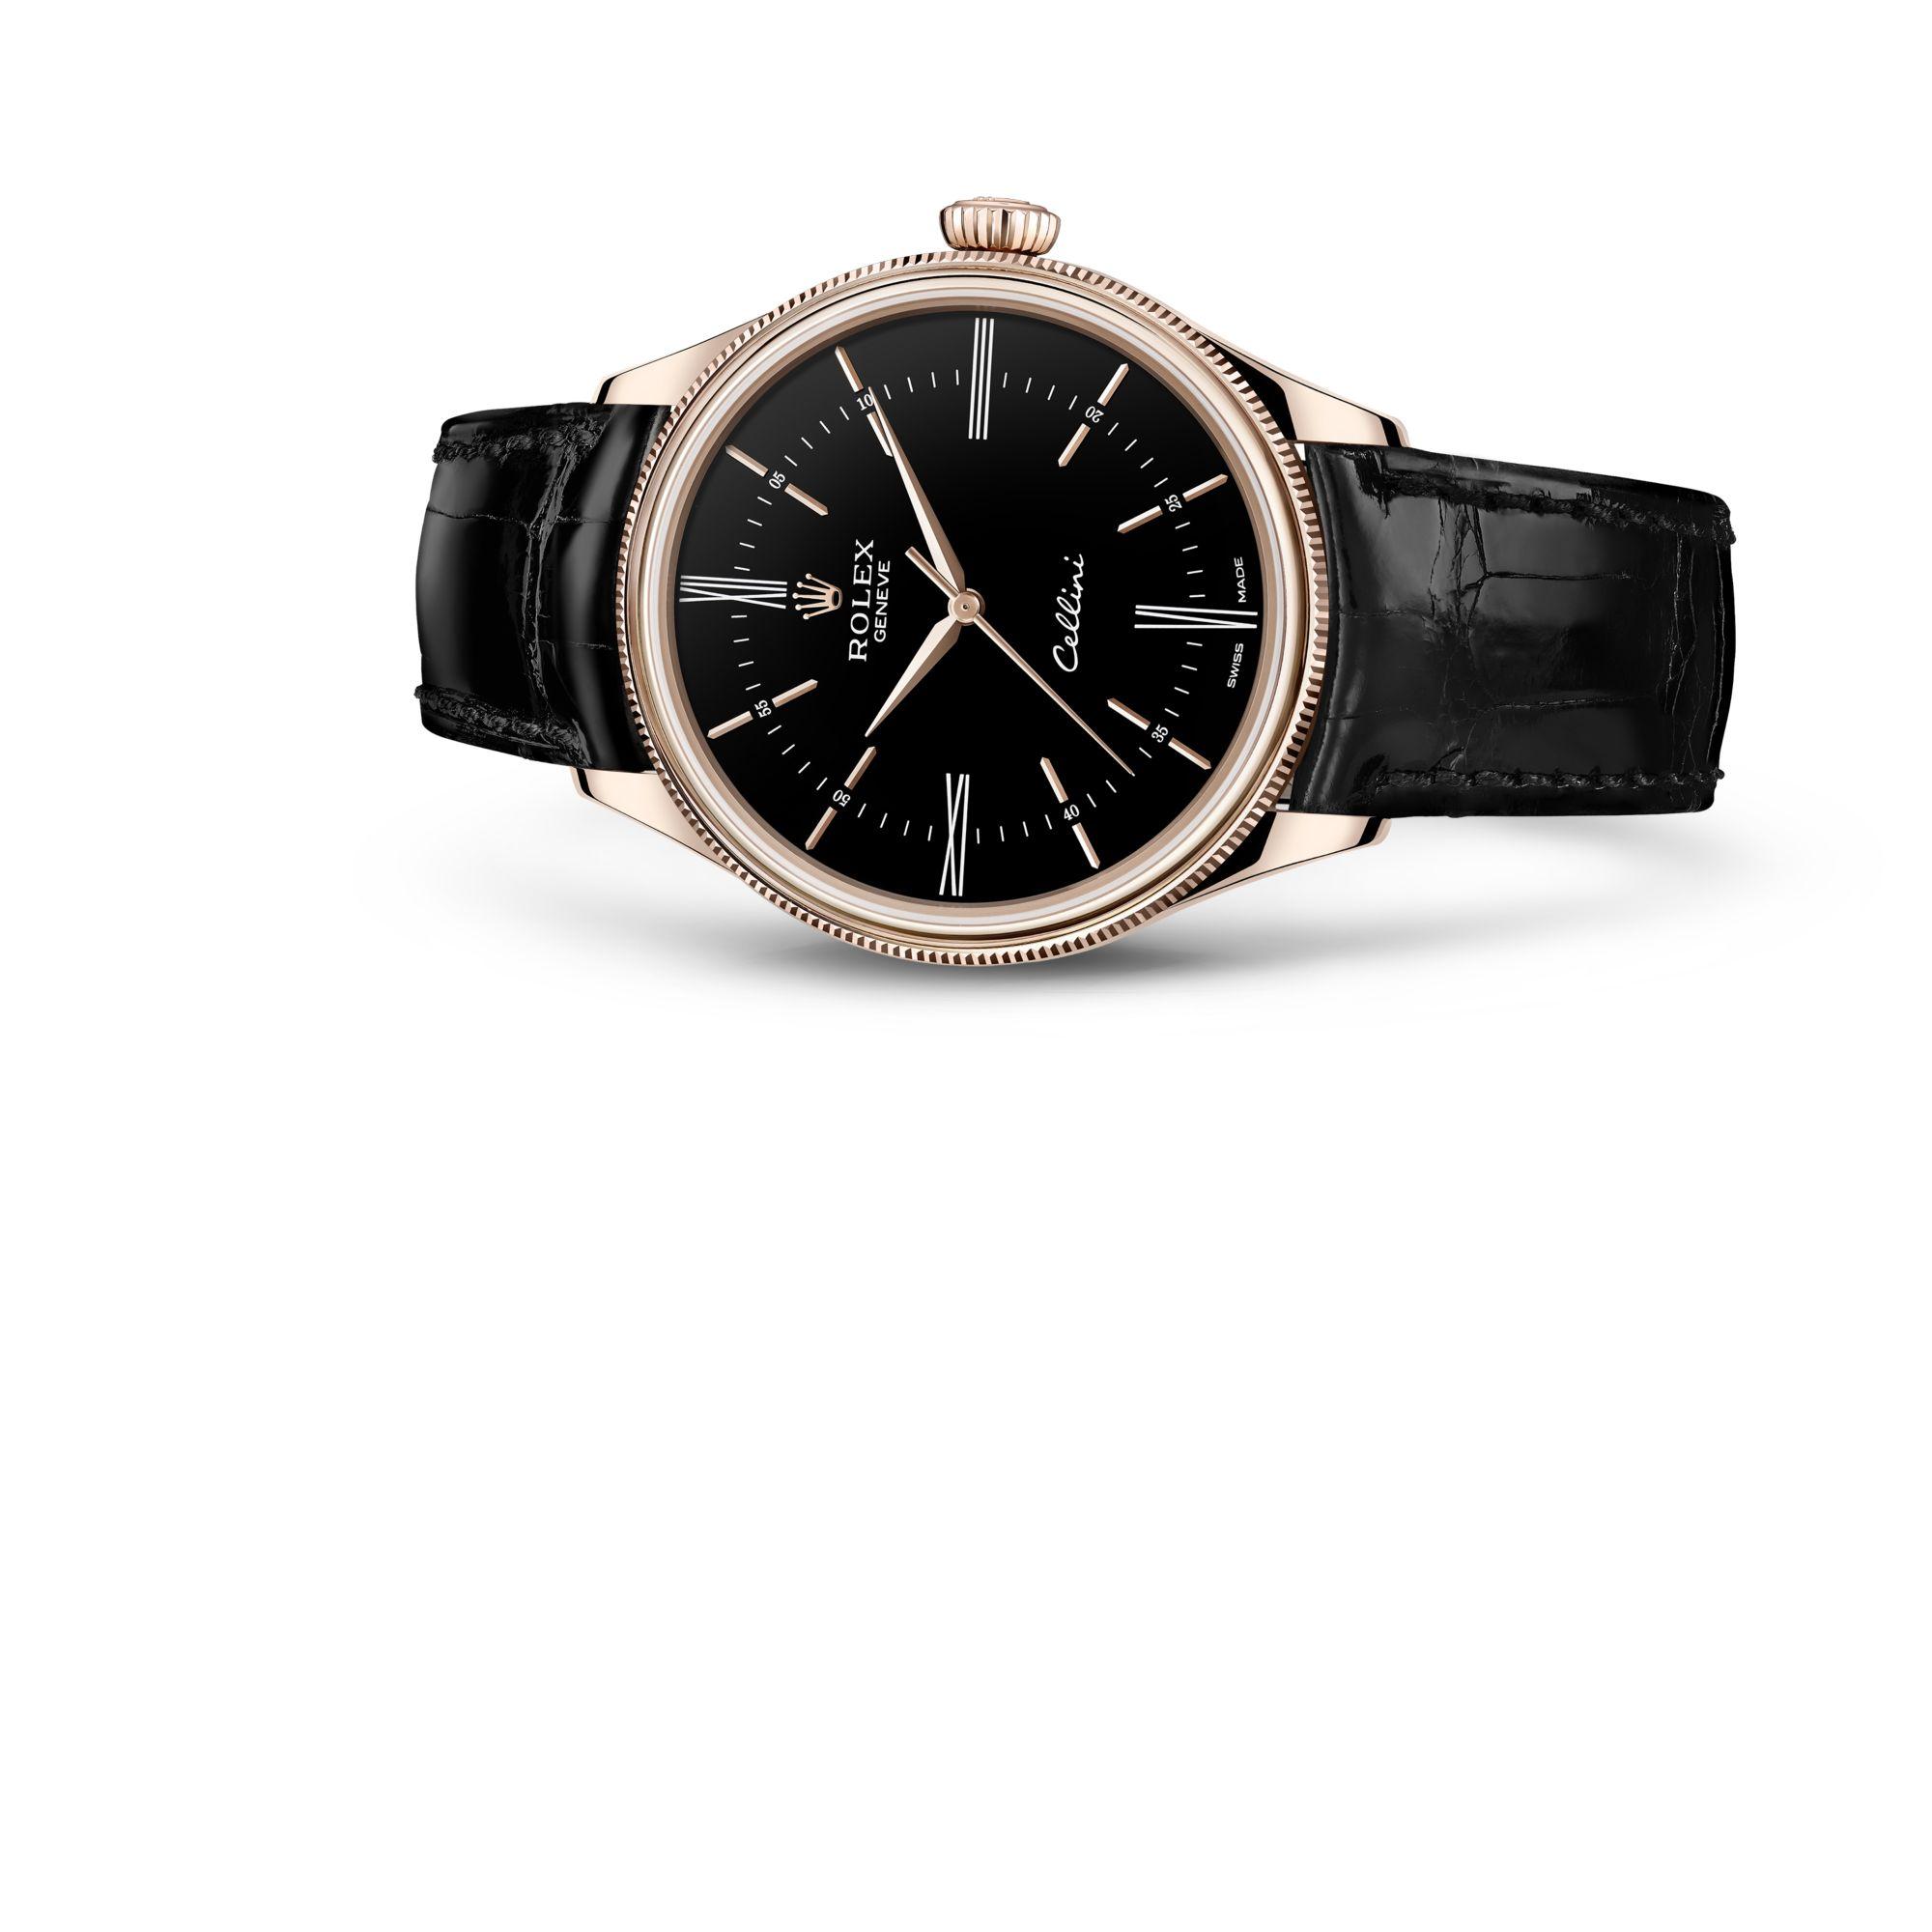 Rolex Cellini Time M50505-0009